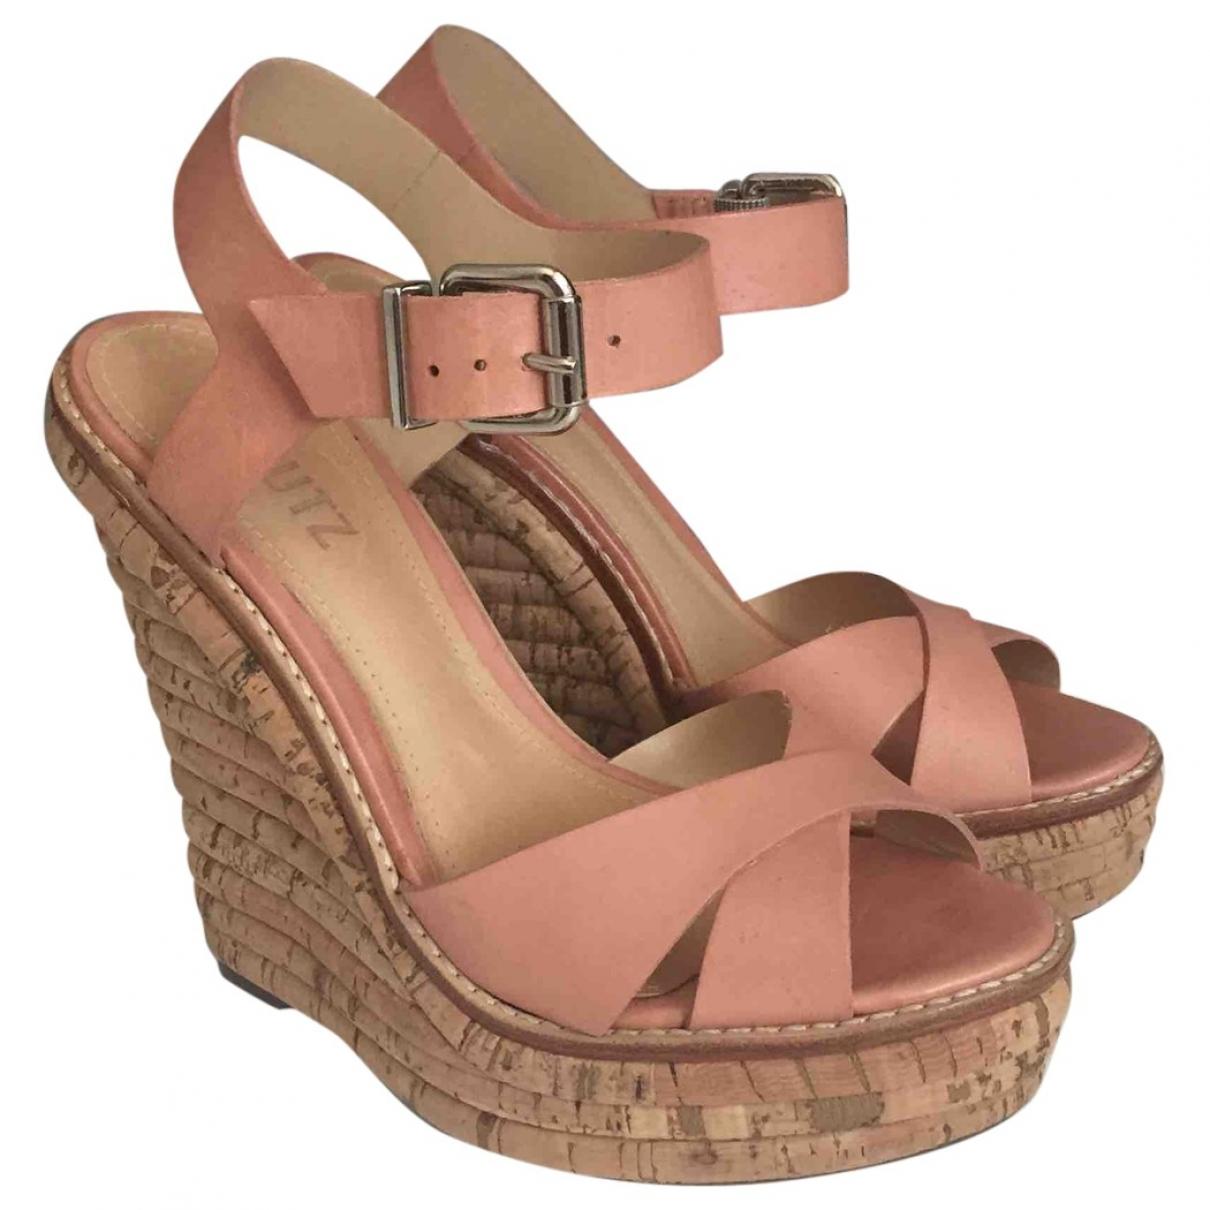 Schutz - Sandales   pour femme en cuir - rose